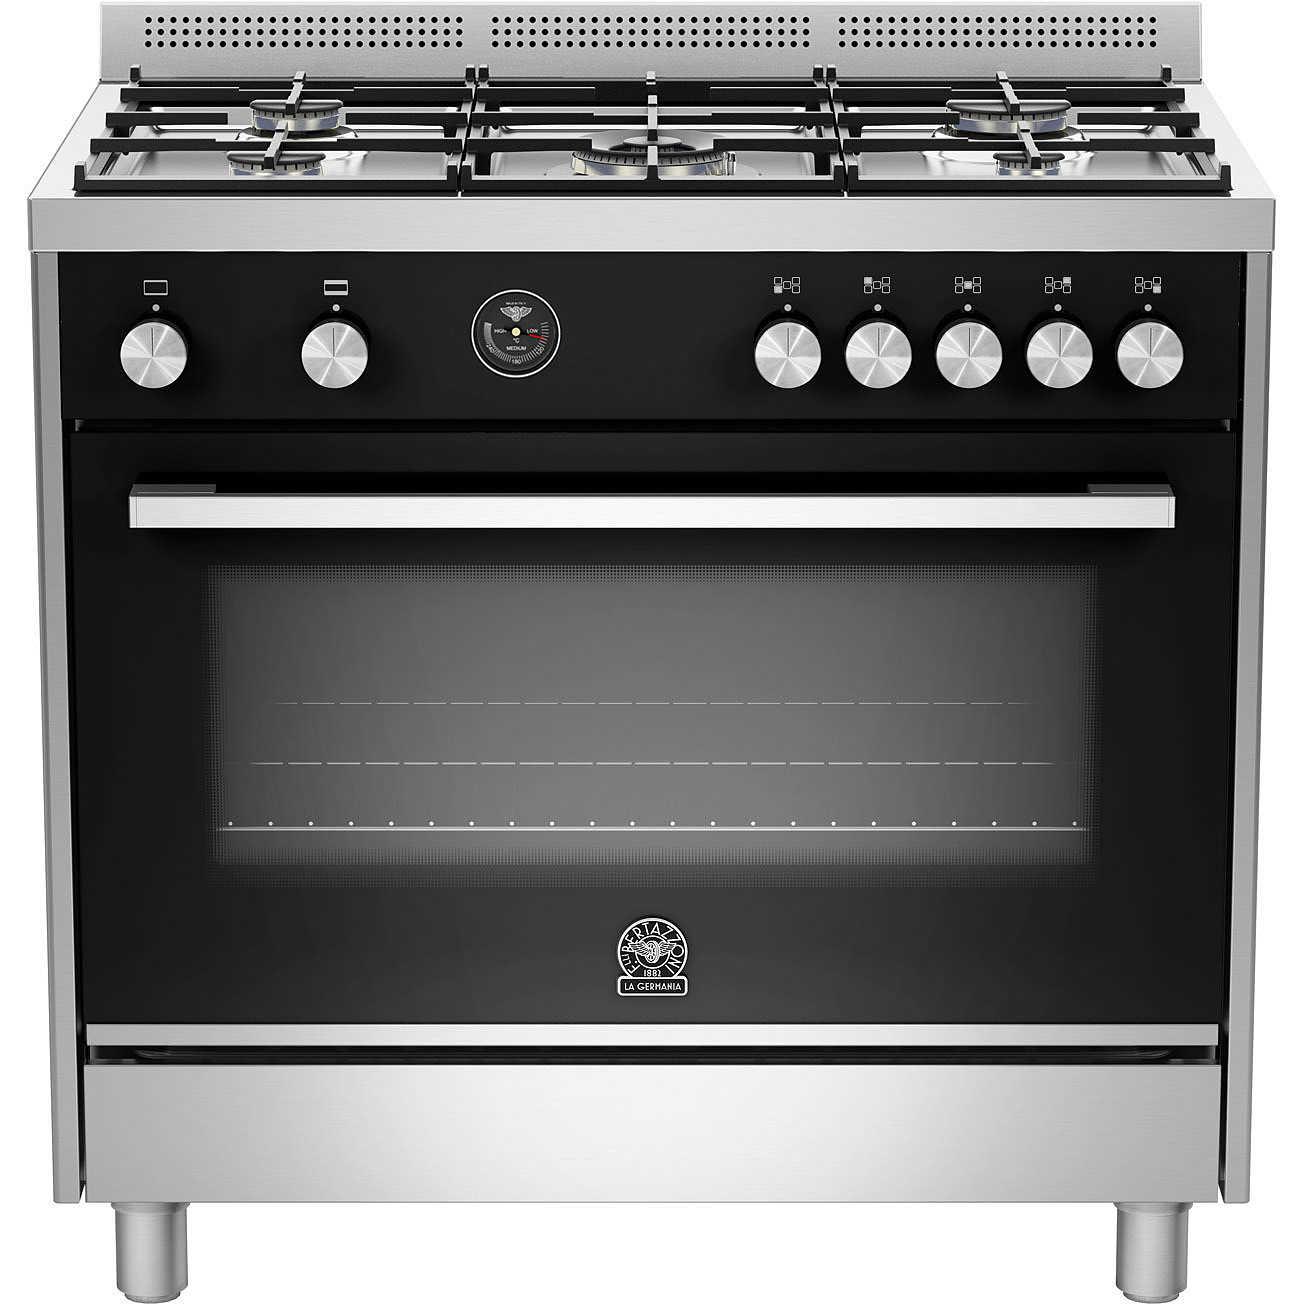 La germania ftr905gevsxt cucina 90x60 5 fuochi a gas forno a gas ventilato con grill elettrico - Cucina con forno a gas ventilato ...